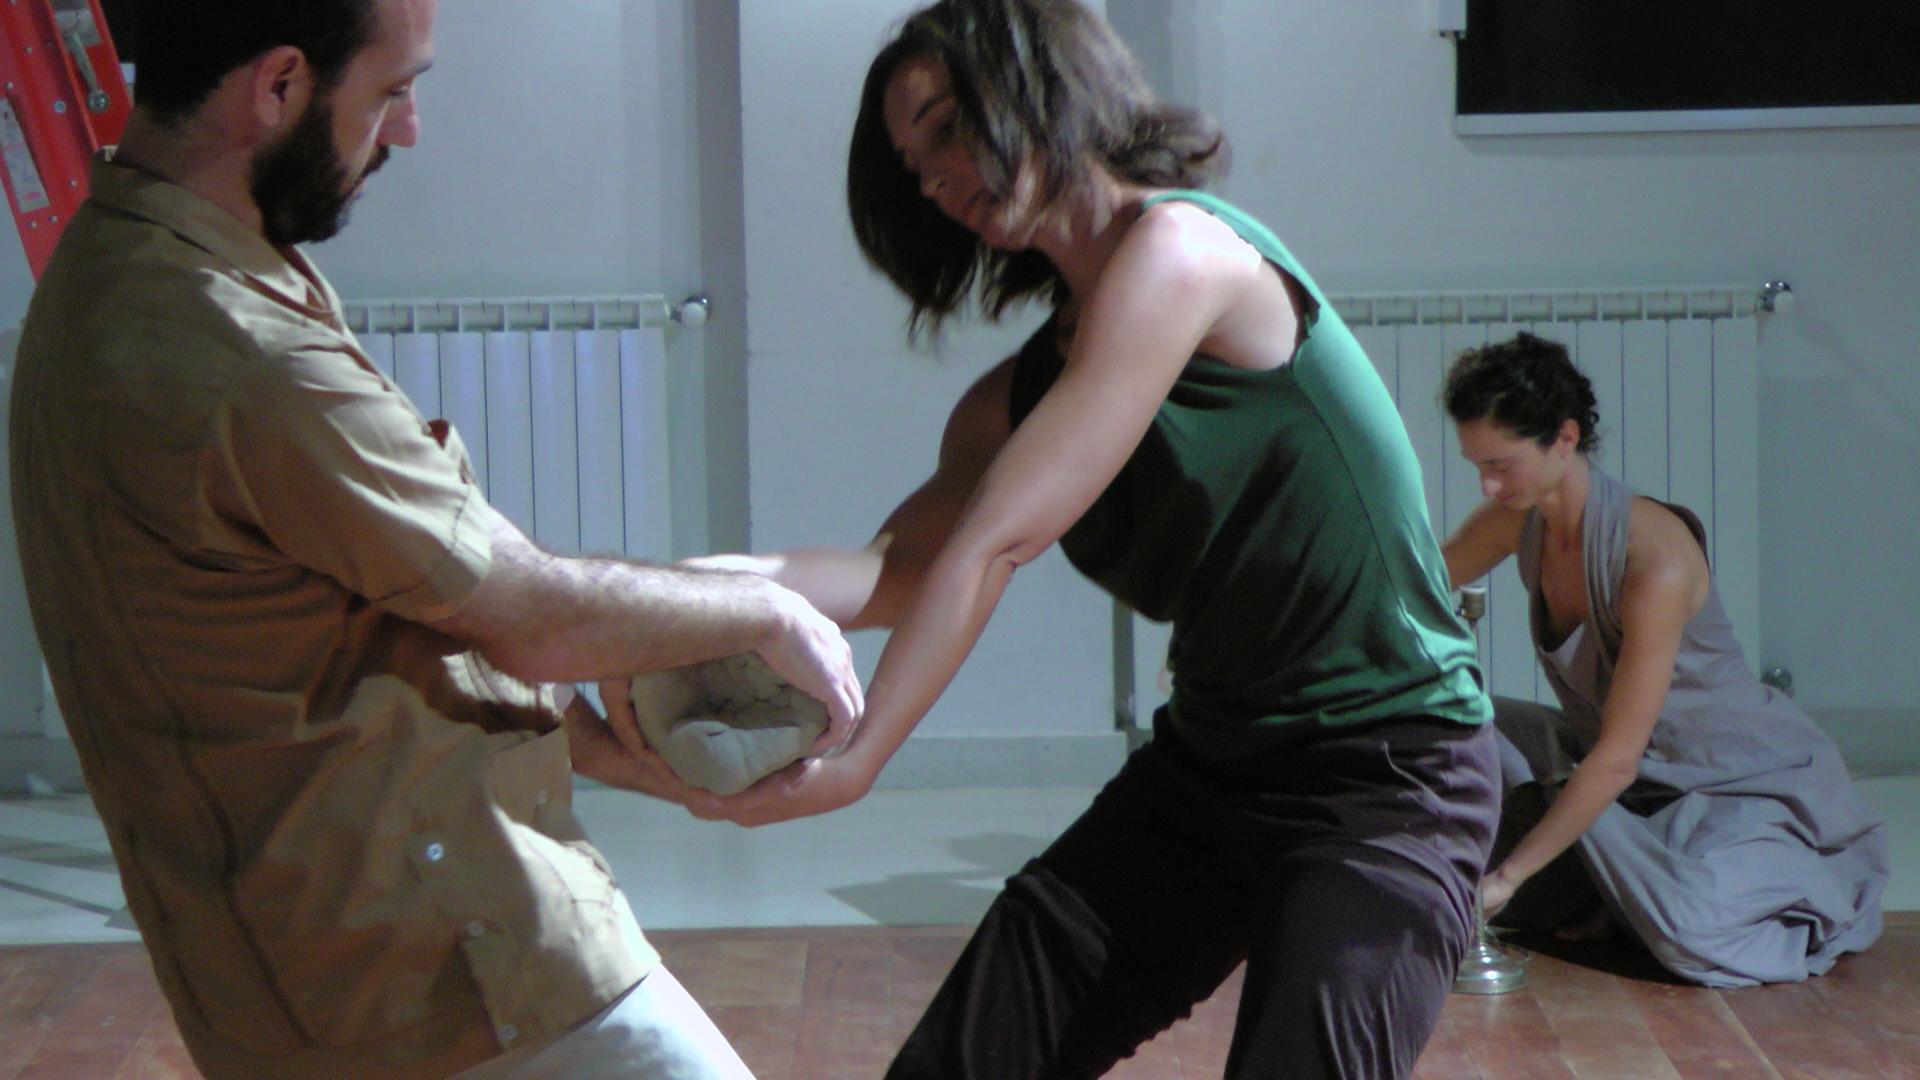 Gustavo Bendersky y María Elena Vásquez. Materiales (y los otros). La Vieja Usina, 2013. Paraná, Argentina. Foto Sofía Daichman.